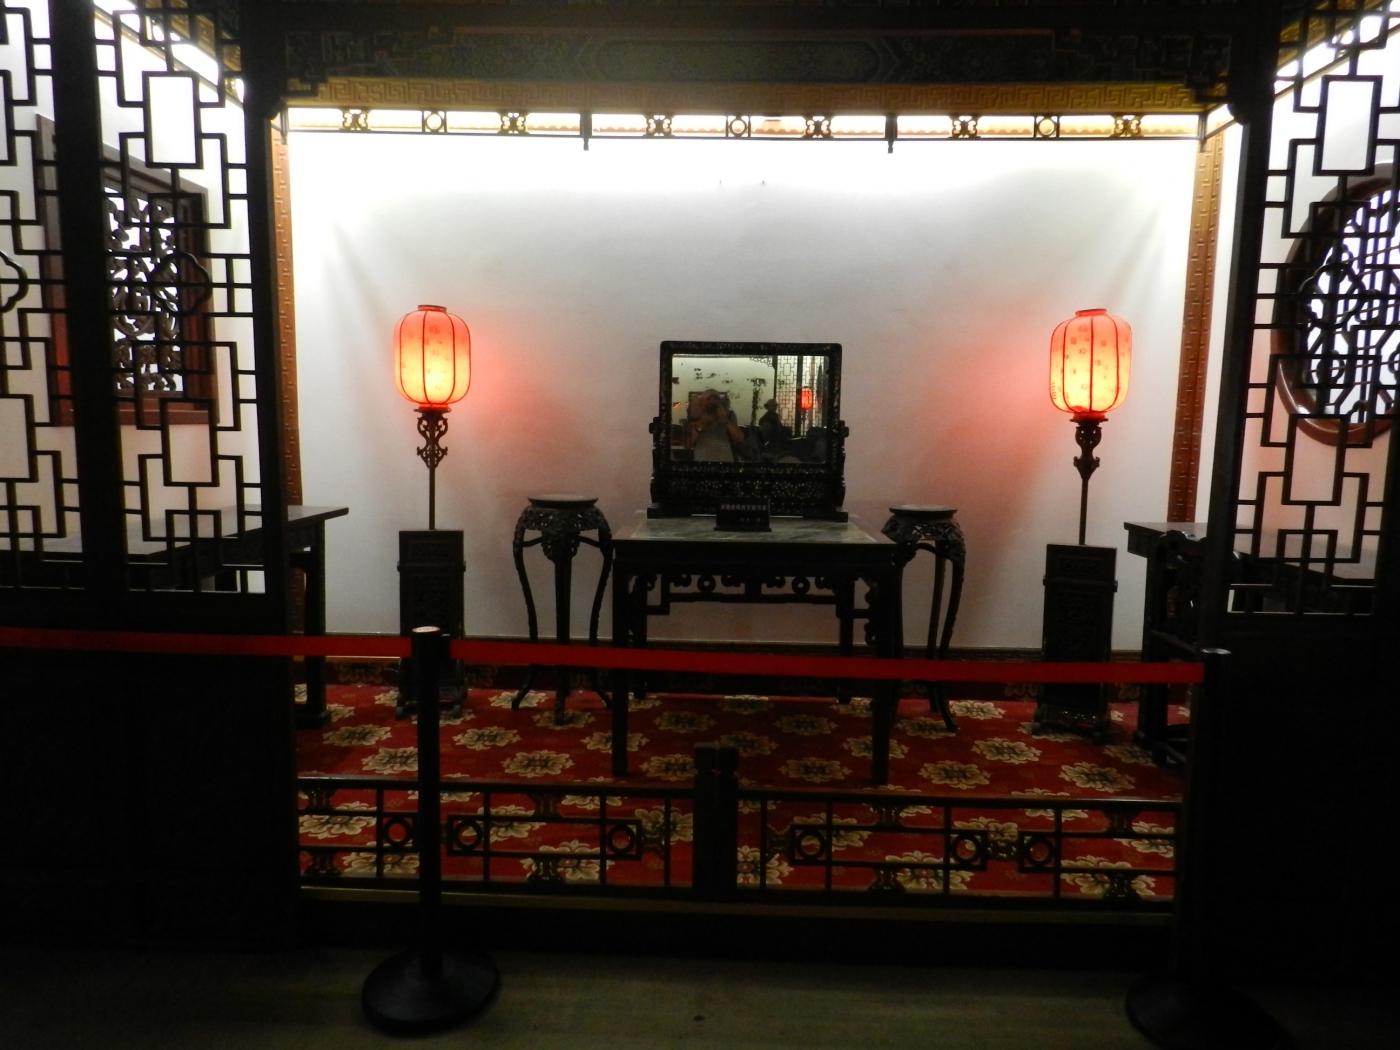 【汉良子】西安鼓楼(图)_图1-30